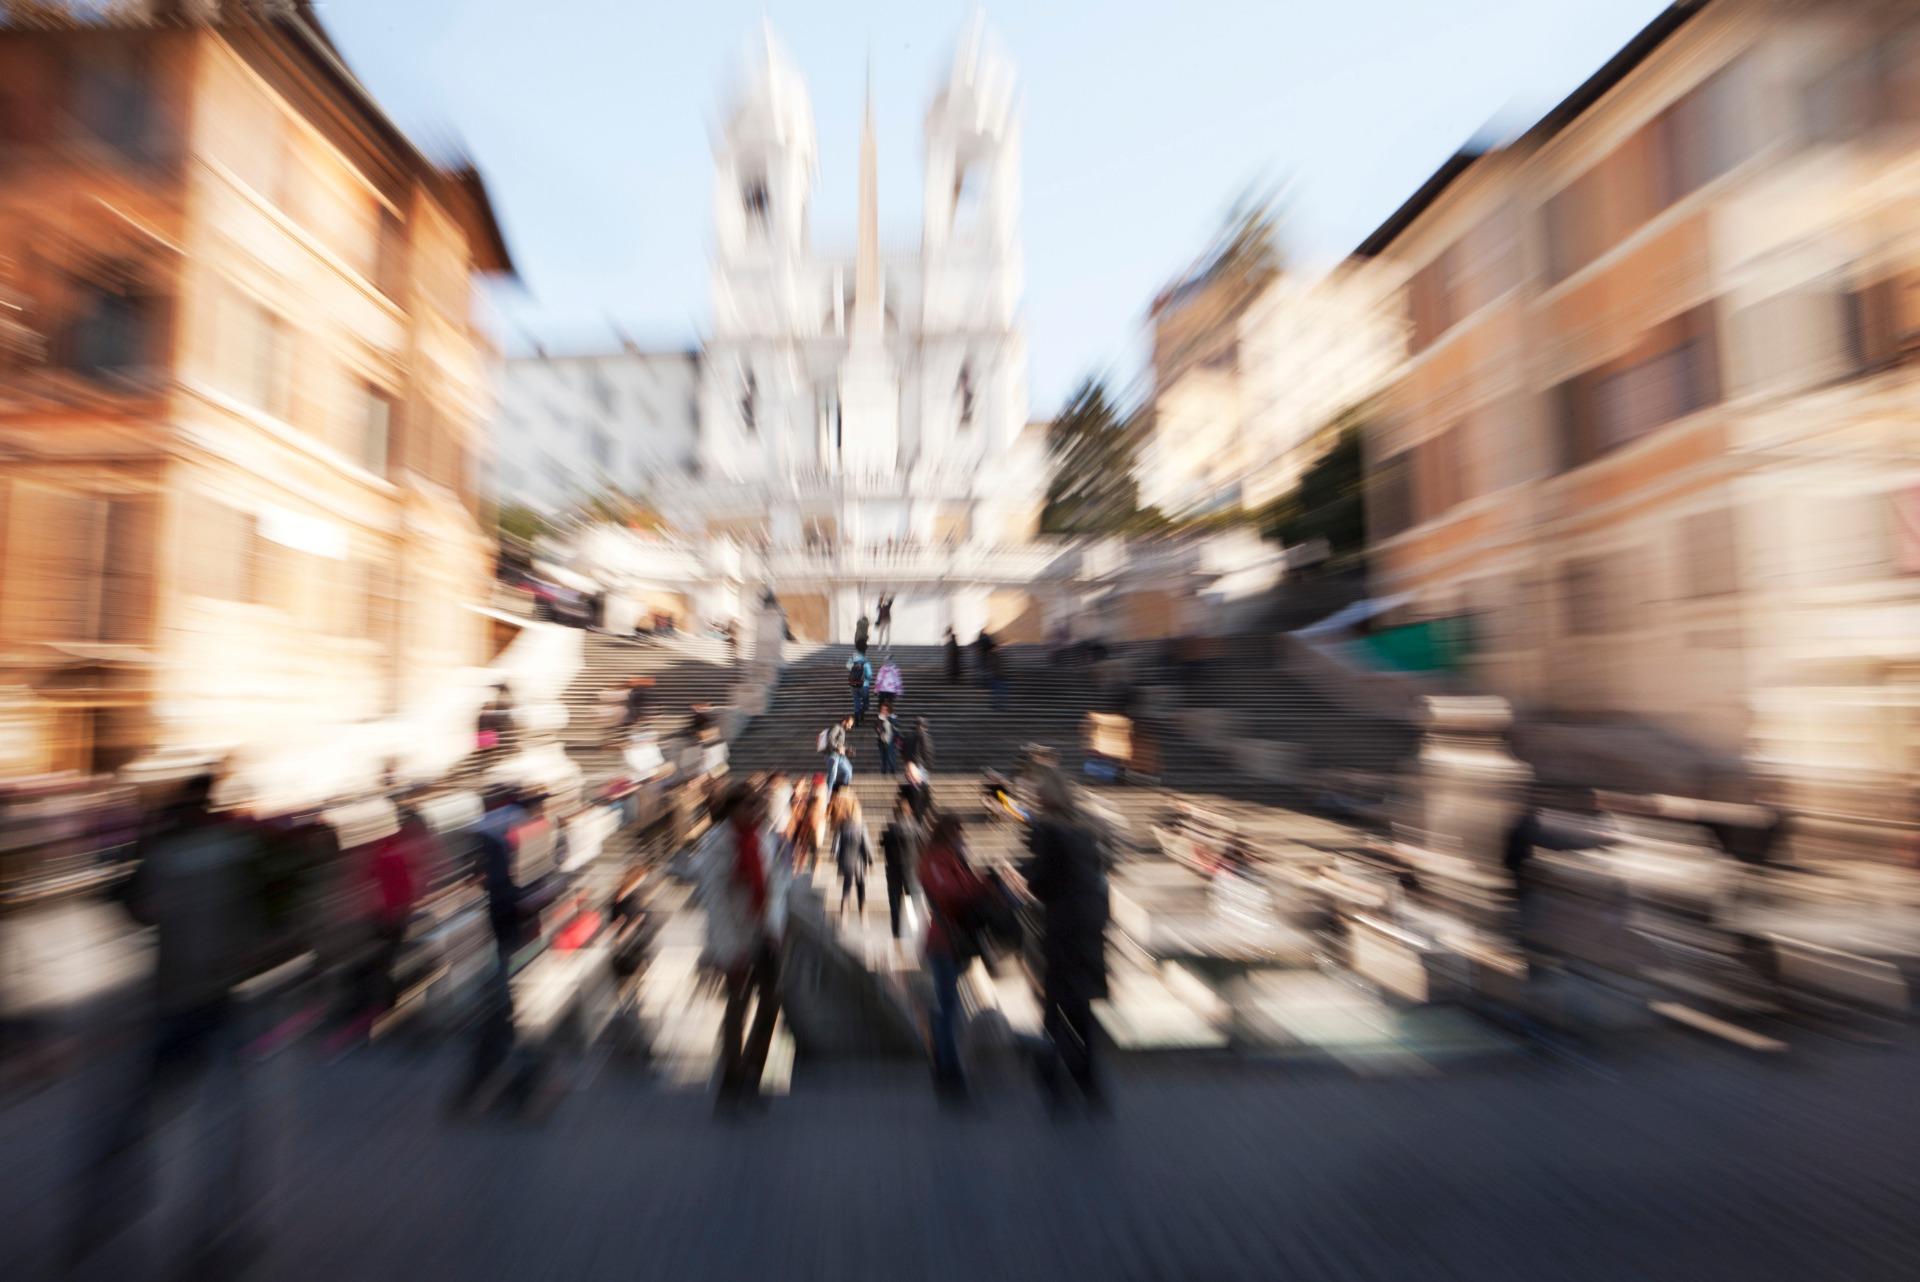 """Collezione Fotografica: """"Blurred Rome"""" 60x90cm cad. - Autrice: Sofia Venturini Del Greco"""